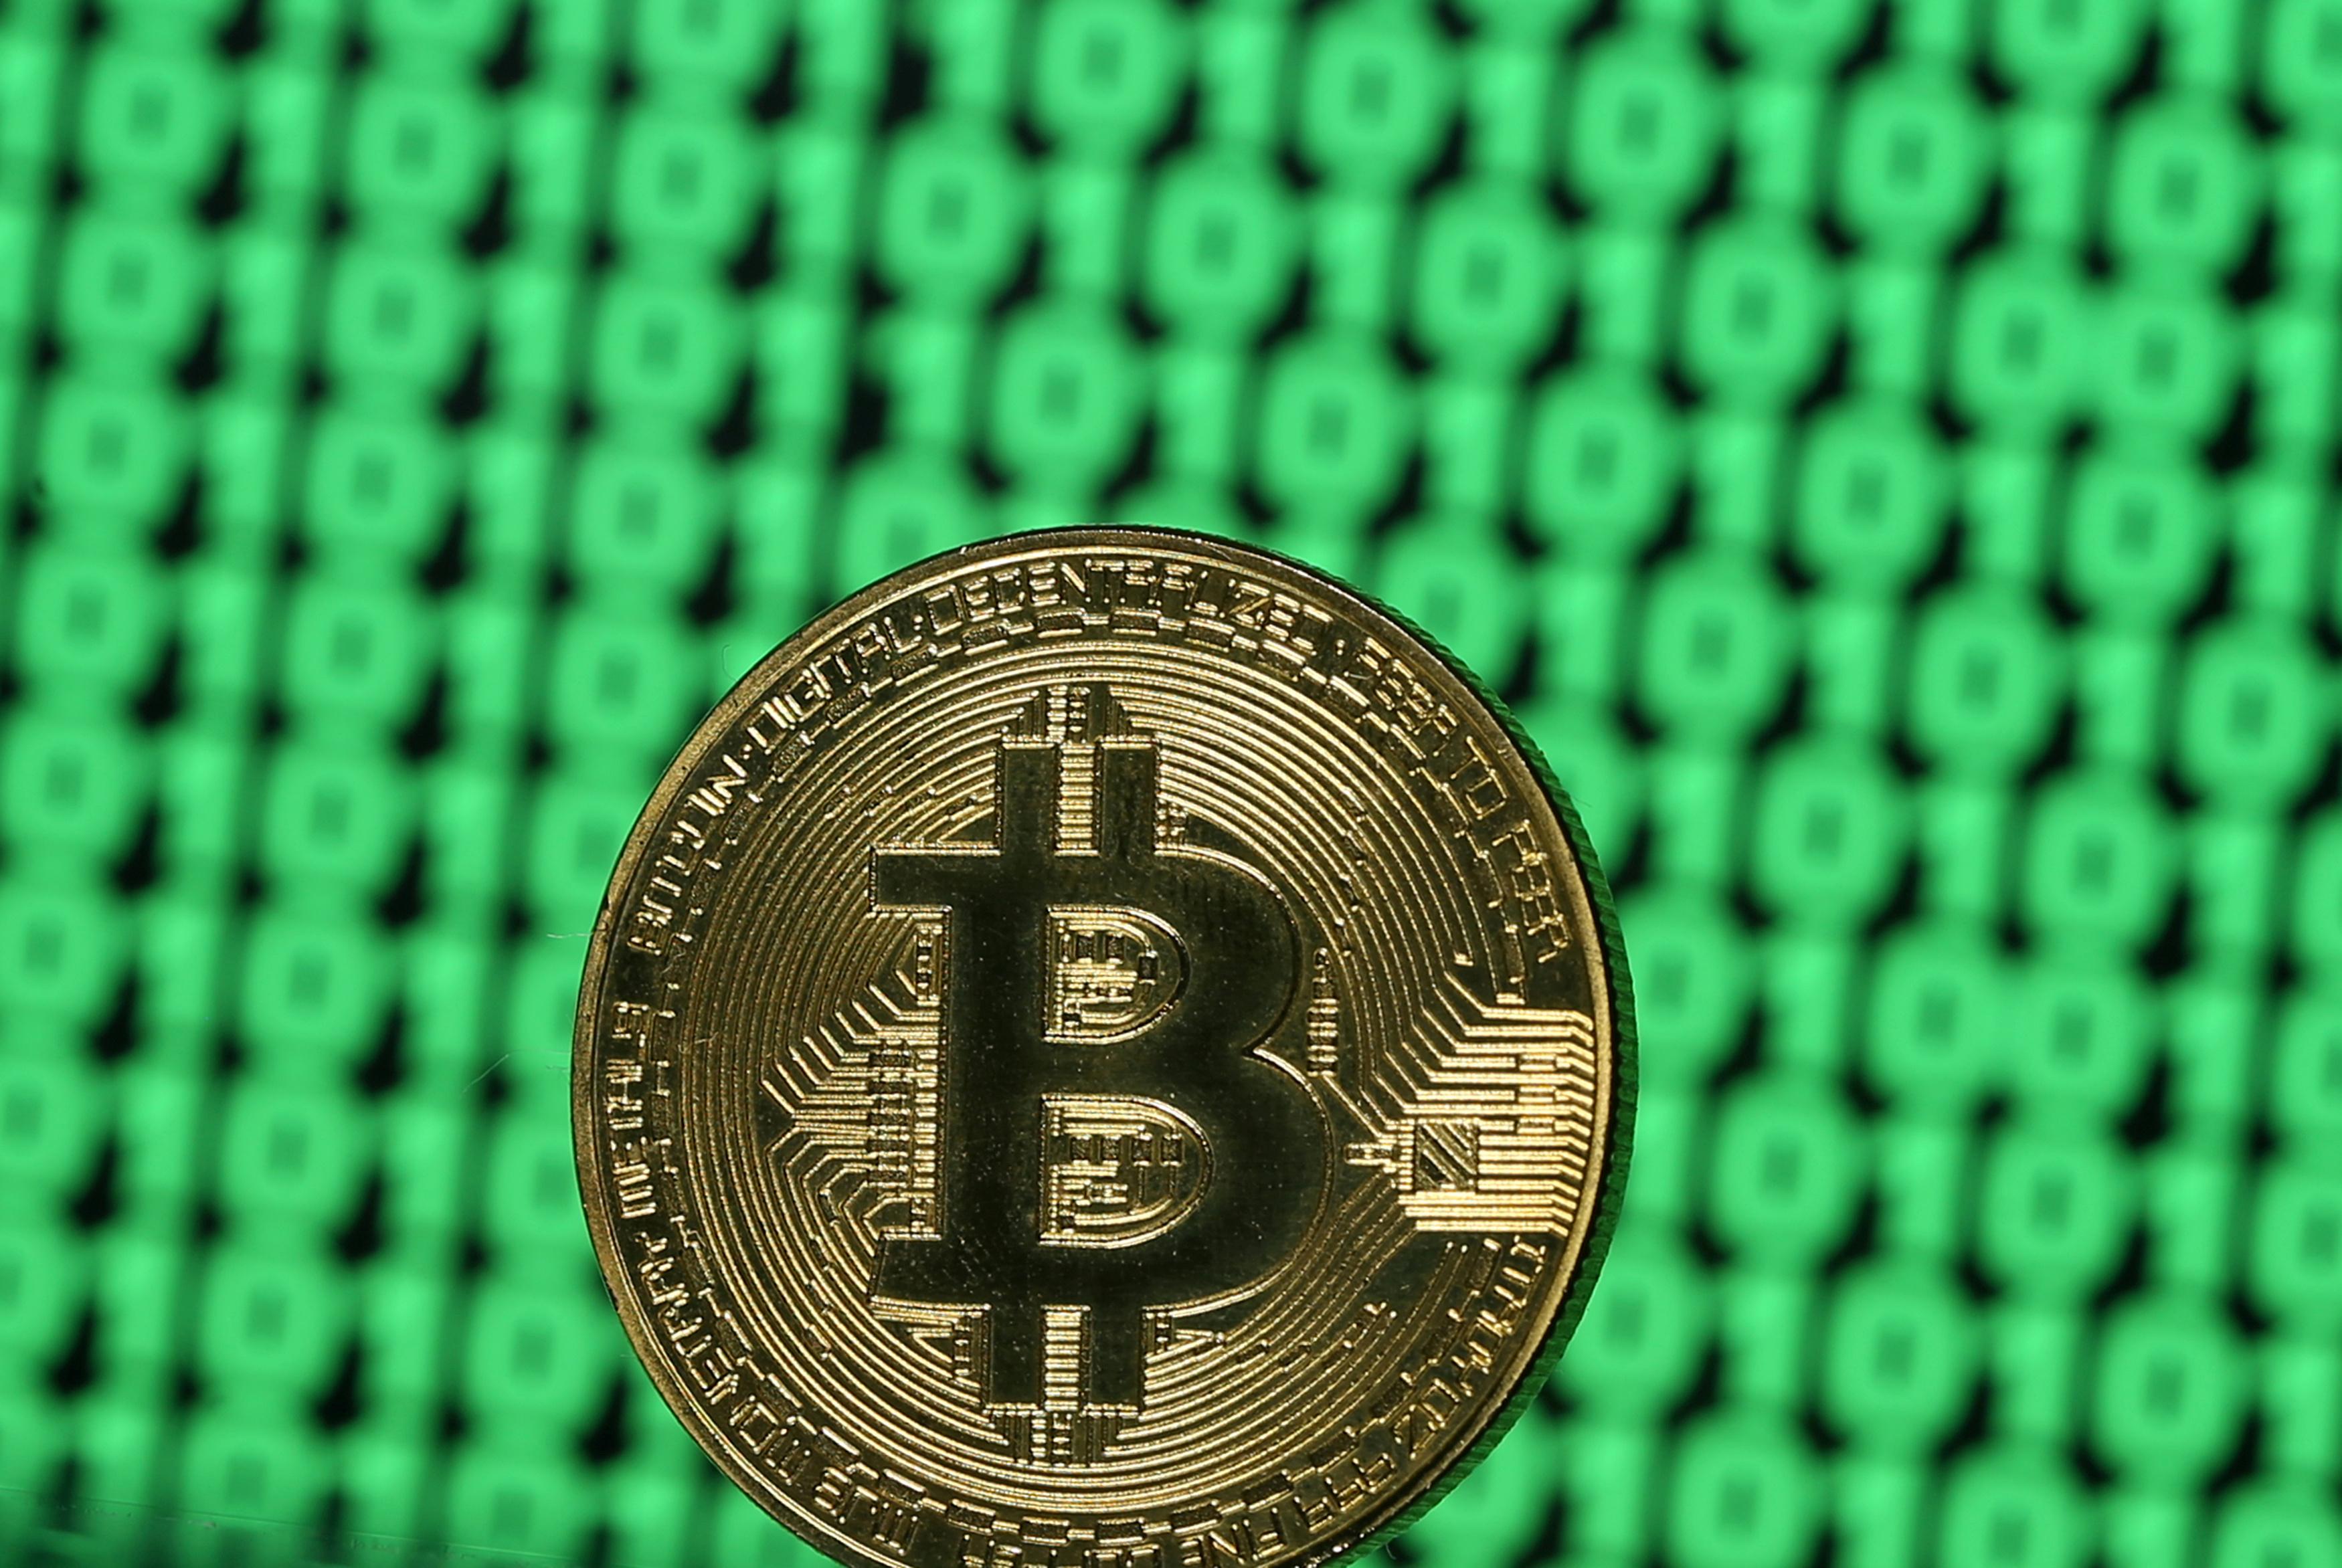 Bitcoin (BTC) és Kanadai dollár (CAD) Valuta átváltás kalkulátor